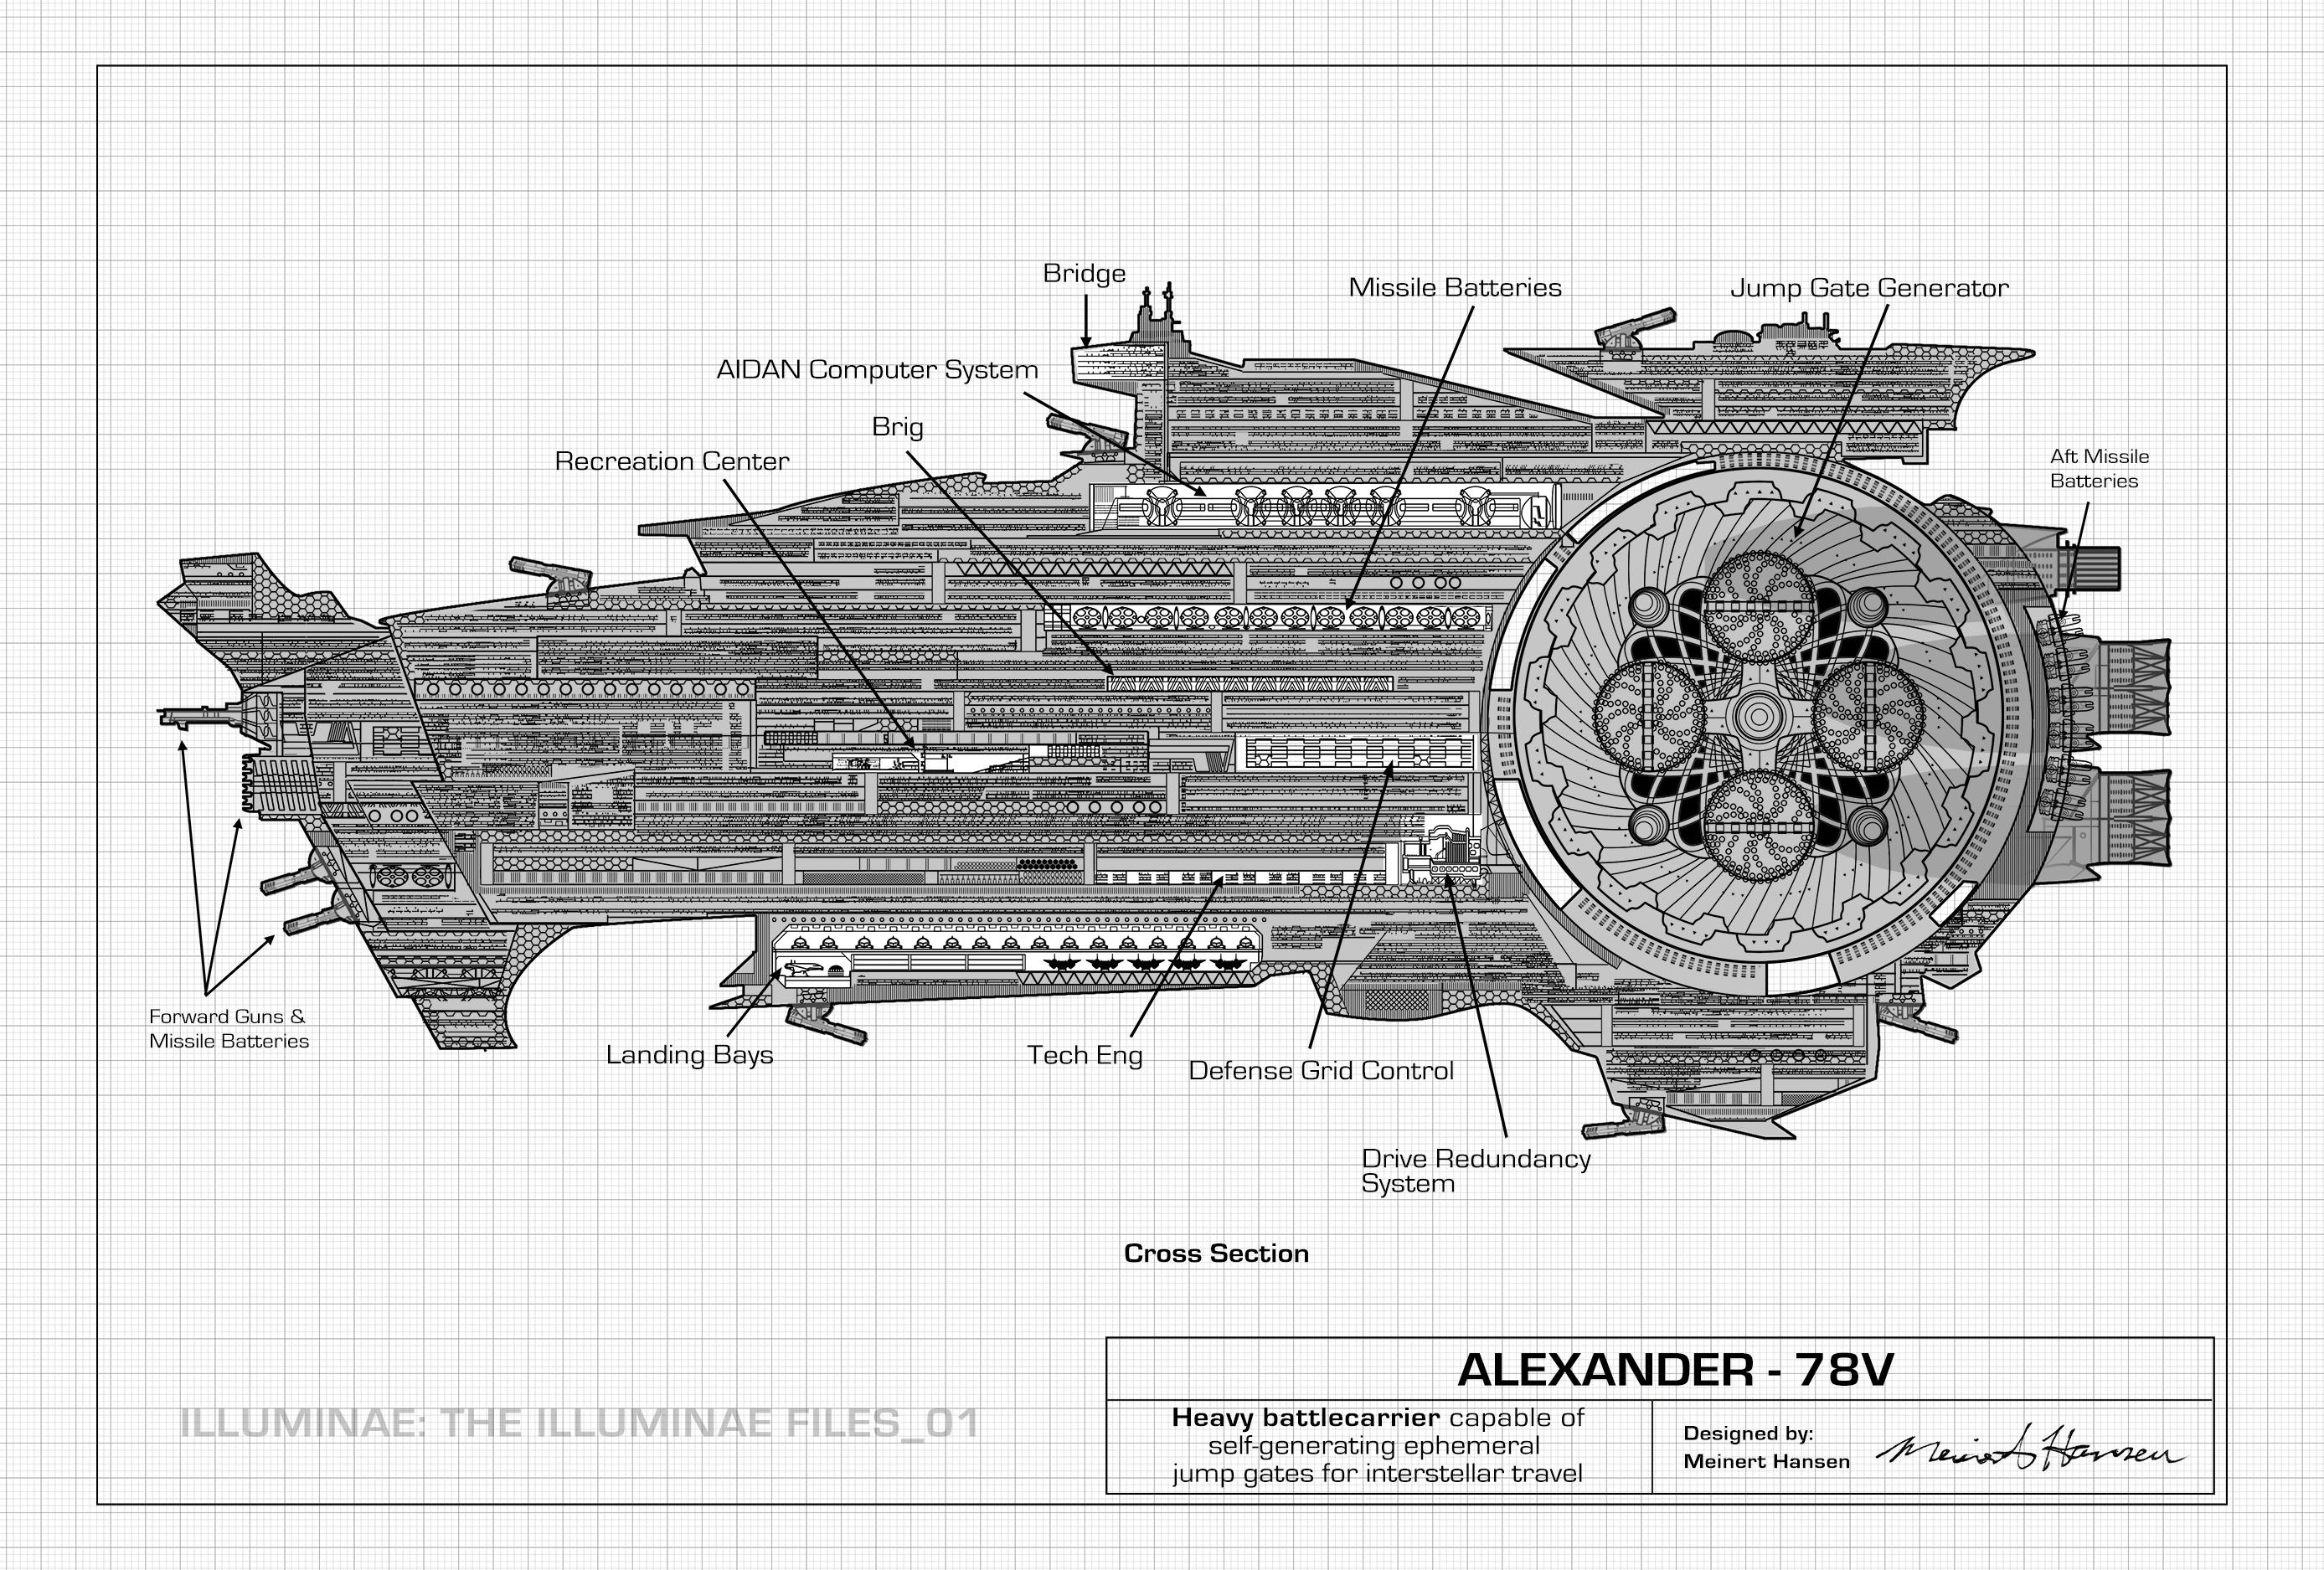 Illuminae The Illuminae Files 01 Spaceship Designs